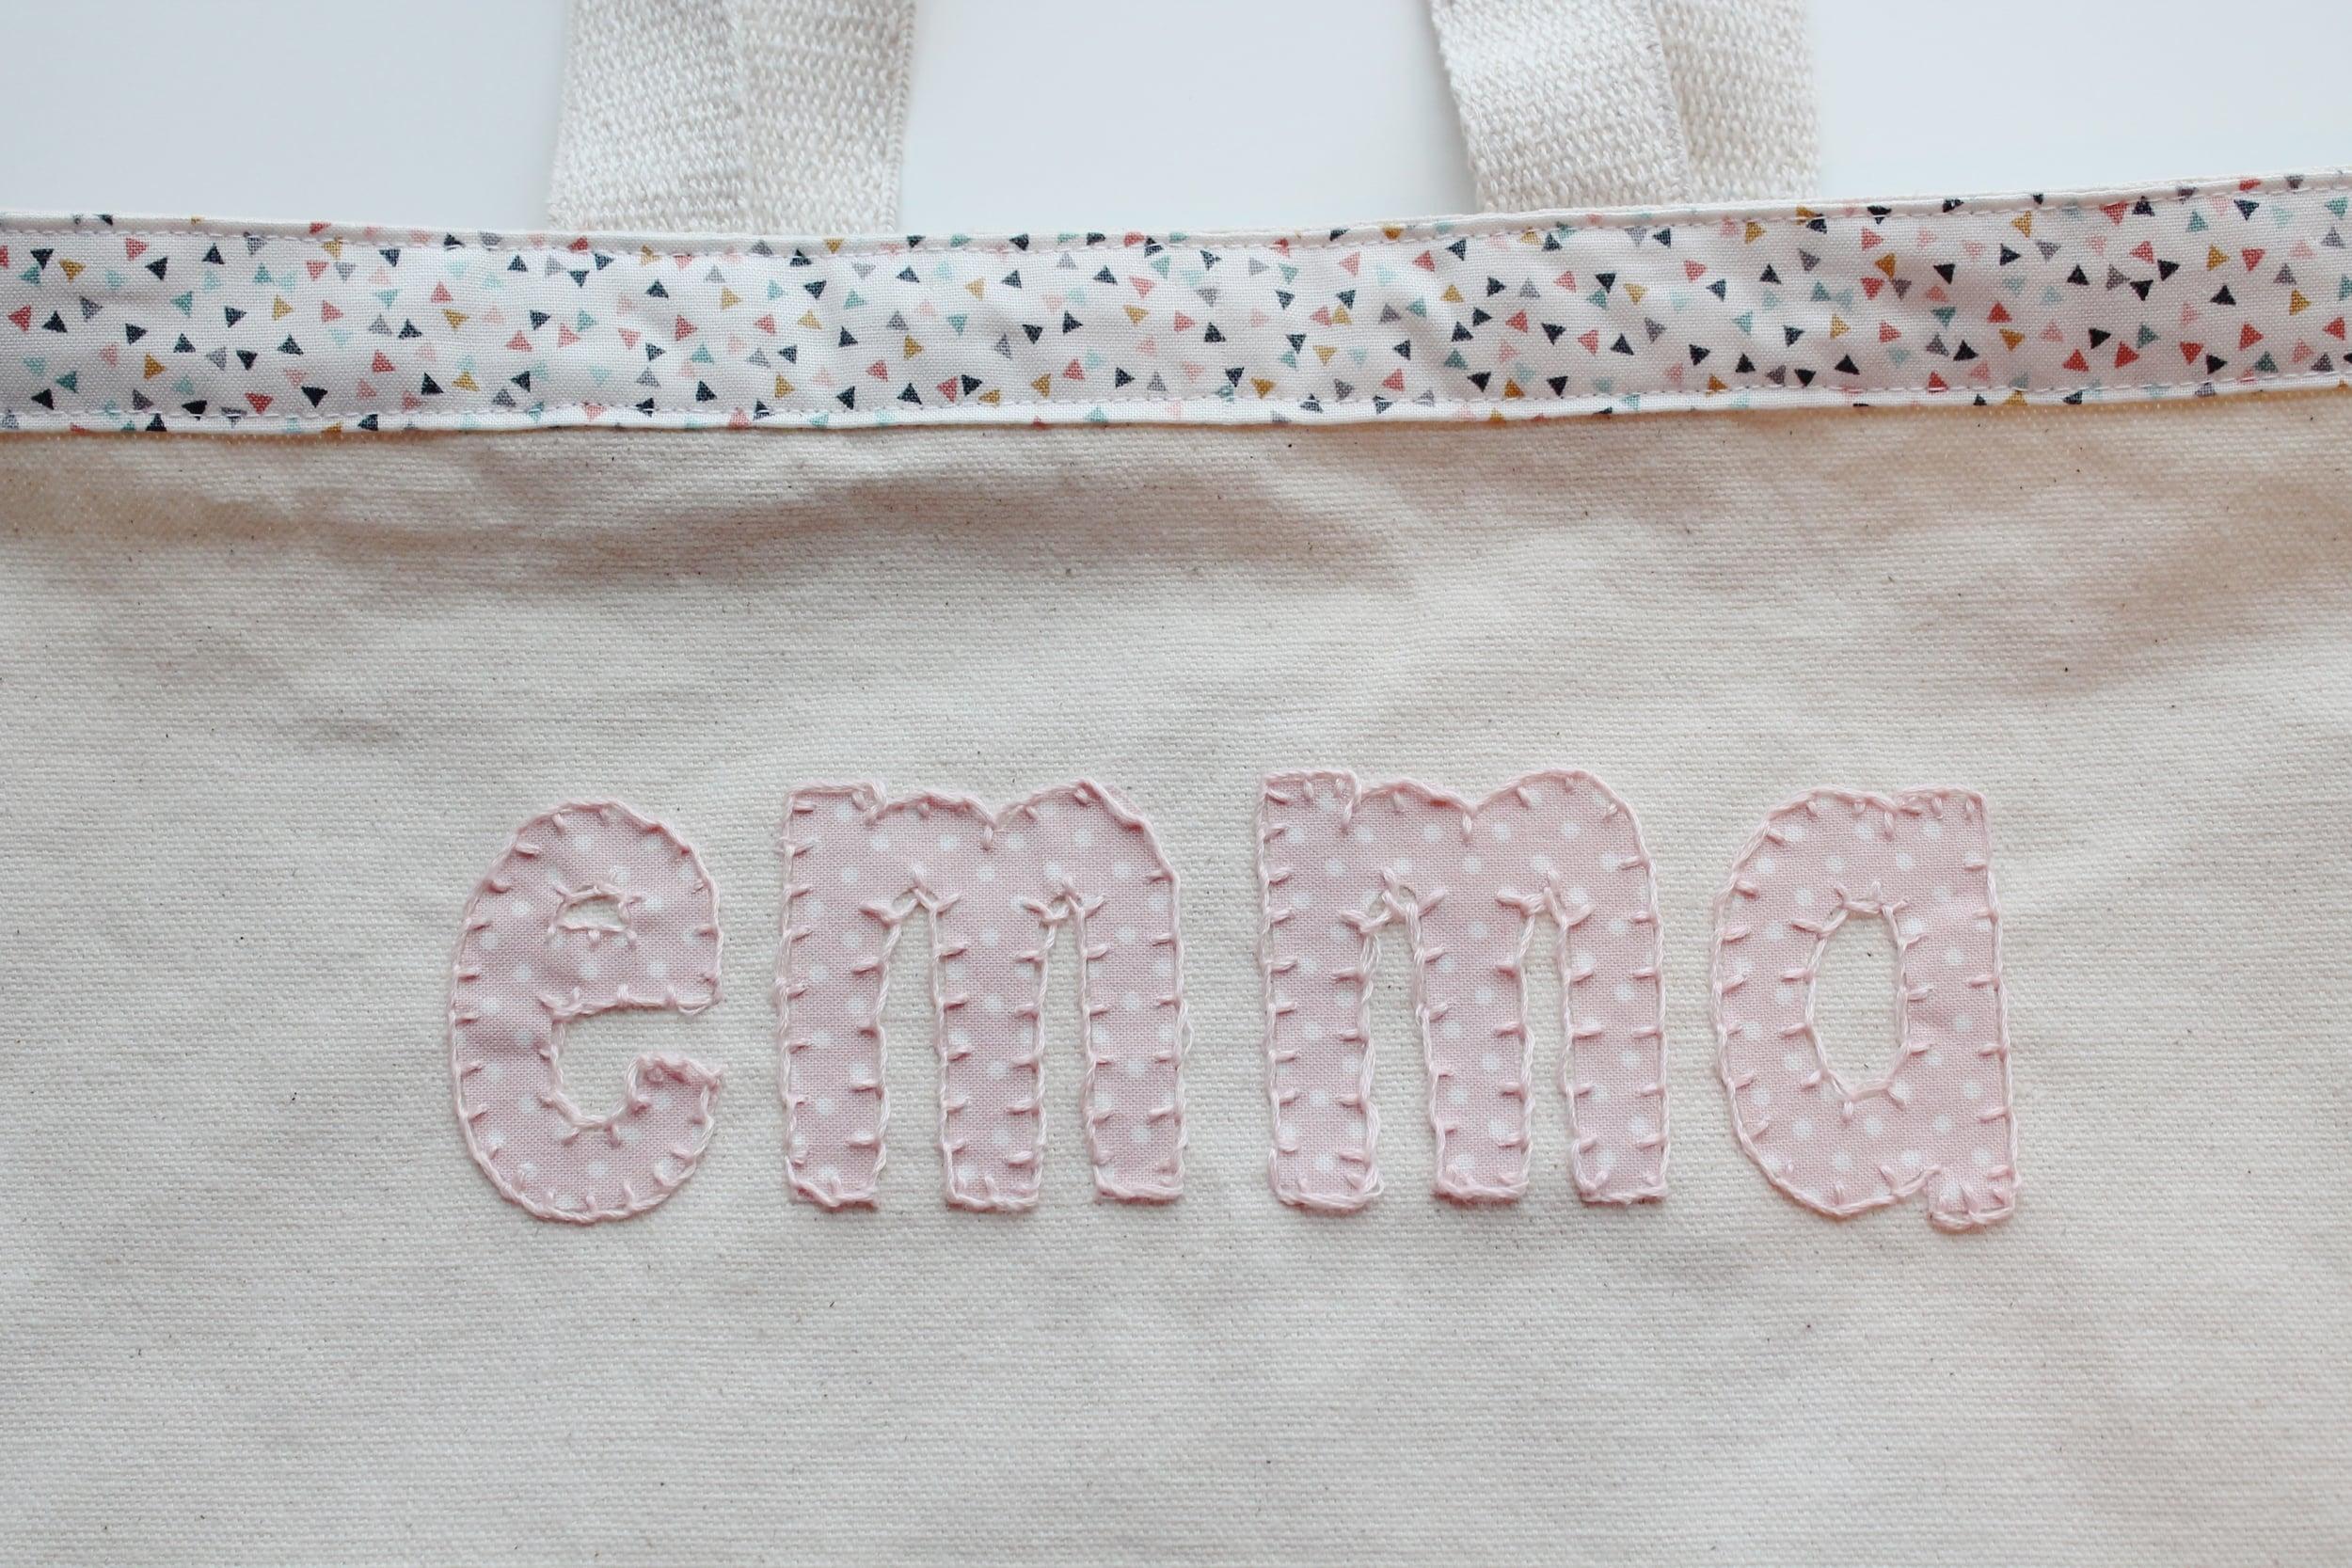 blanket stitch around applique letters